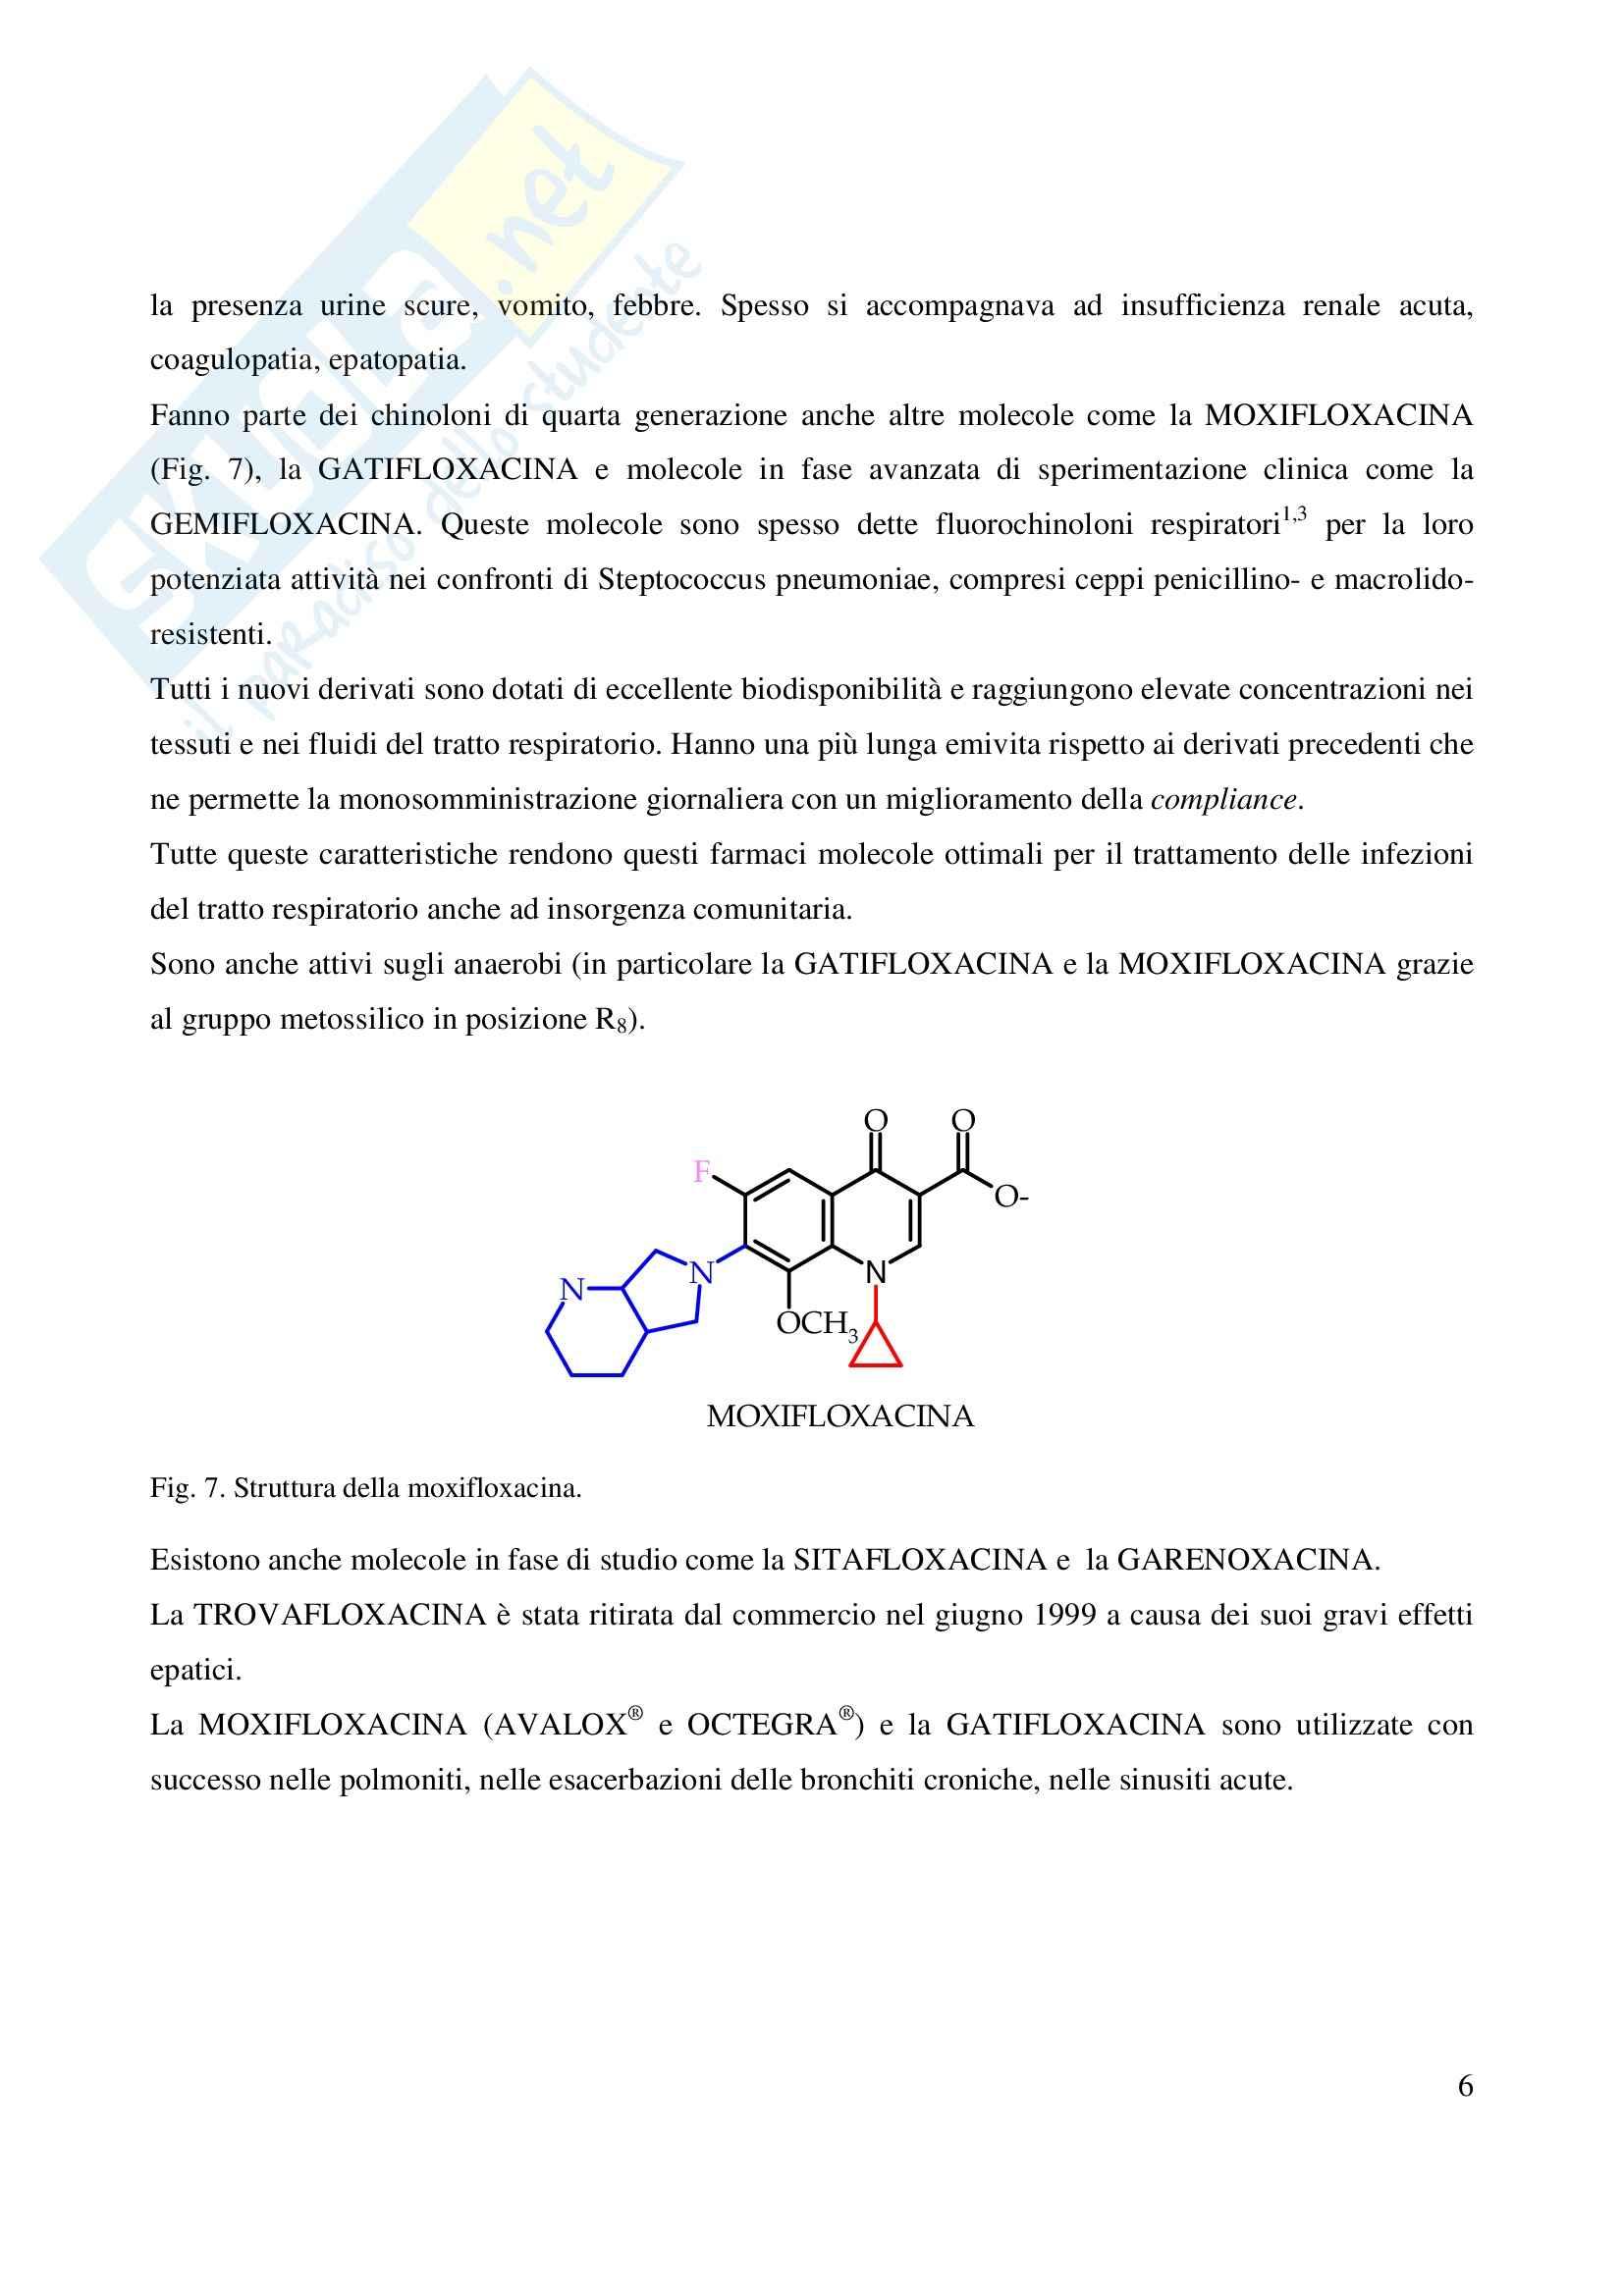 Chimica farmaceutica - fluorochinoloni Pag. 6